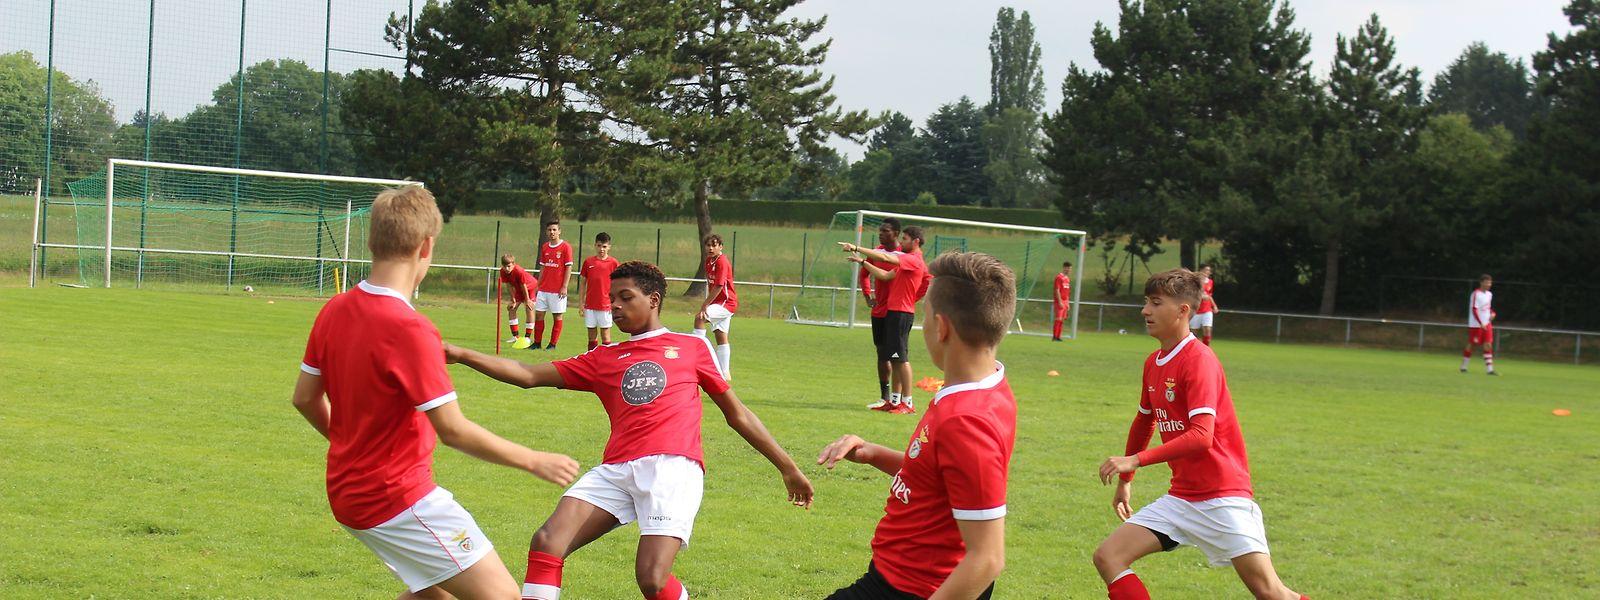 Os jogadores têm mostrado sempre grande aplicação nos exercícios.